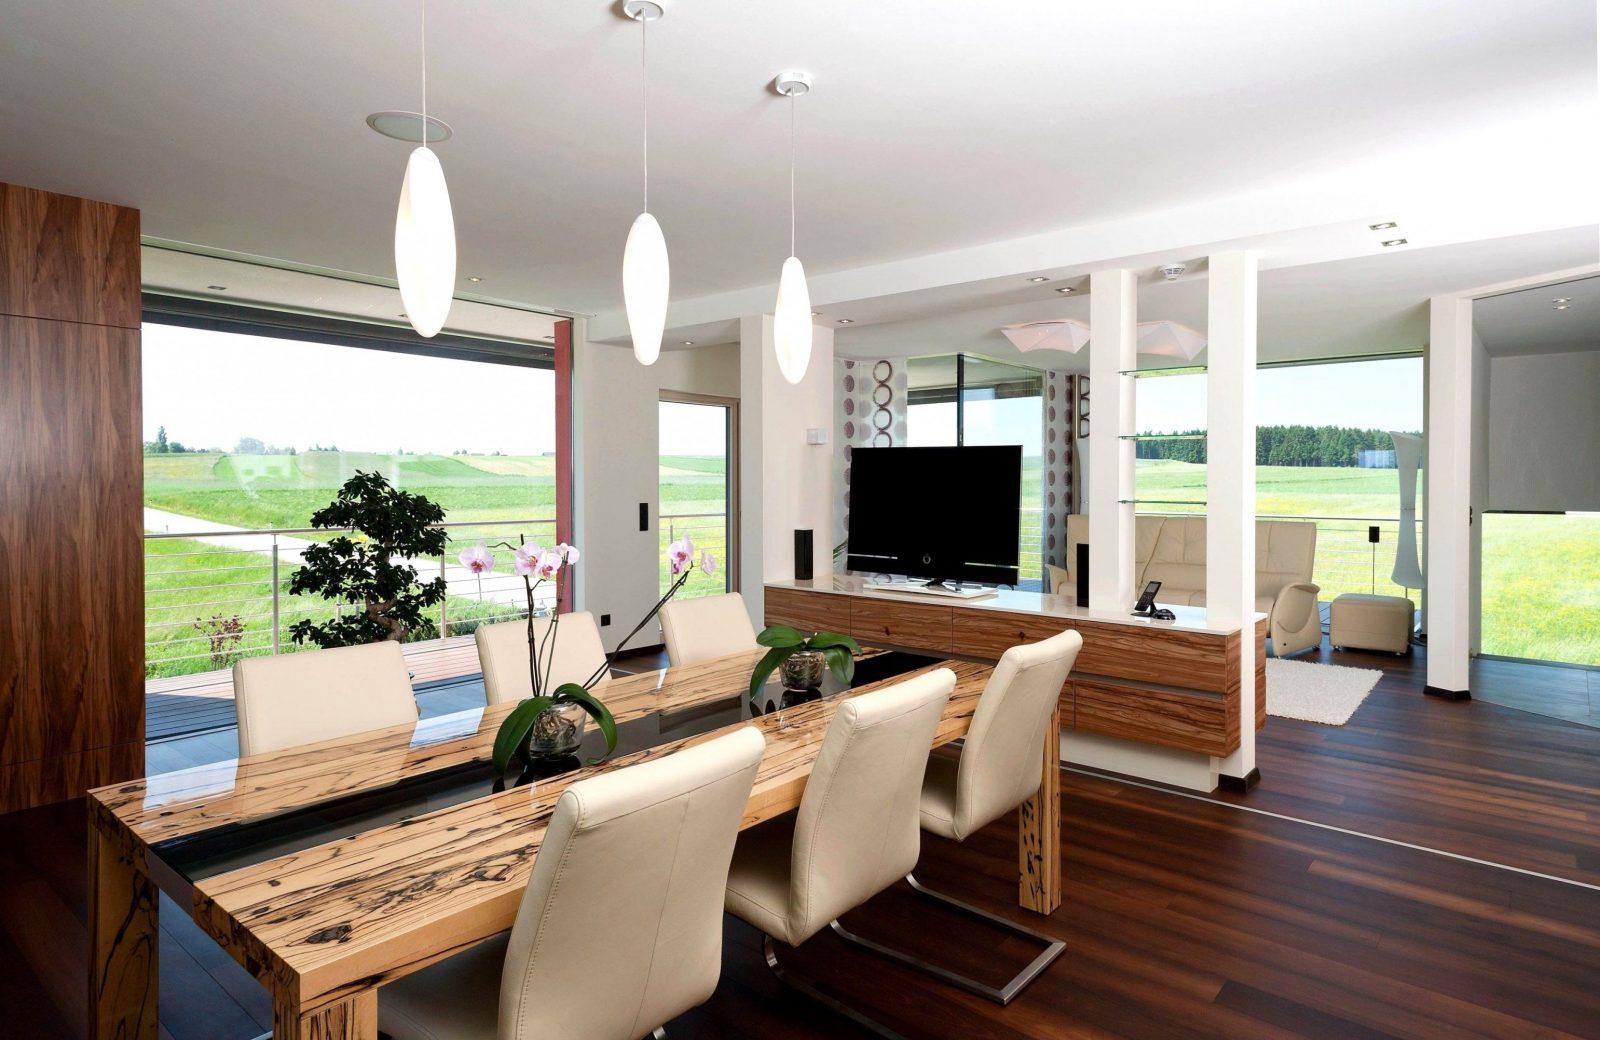 Fabelhaft Inspirational Wohnzimmer Neu Gestalten Tipps Für von Wohnzimmer Neu Gestalten Tipps Bild